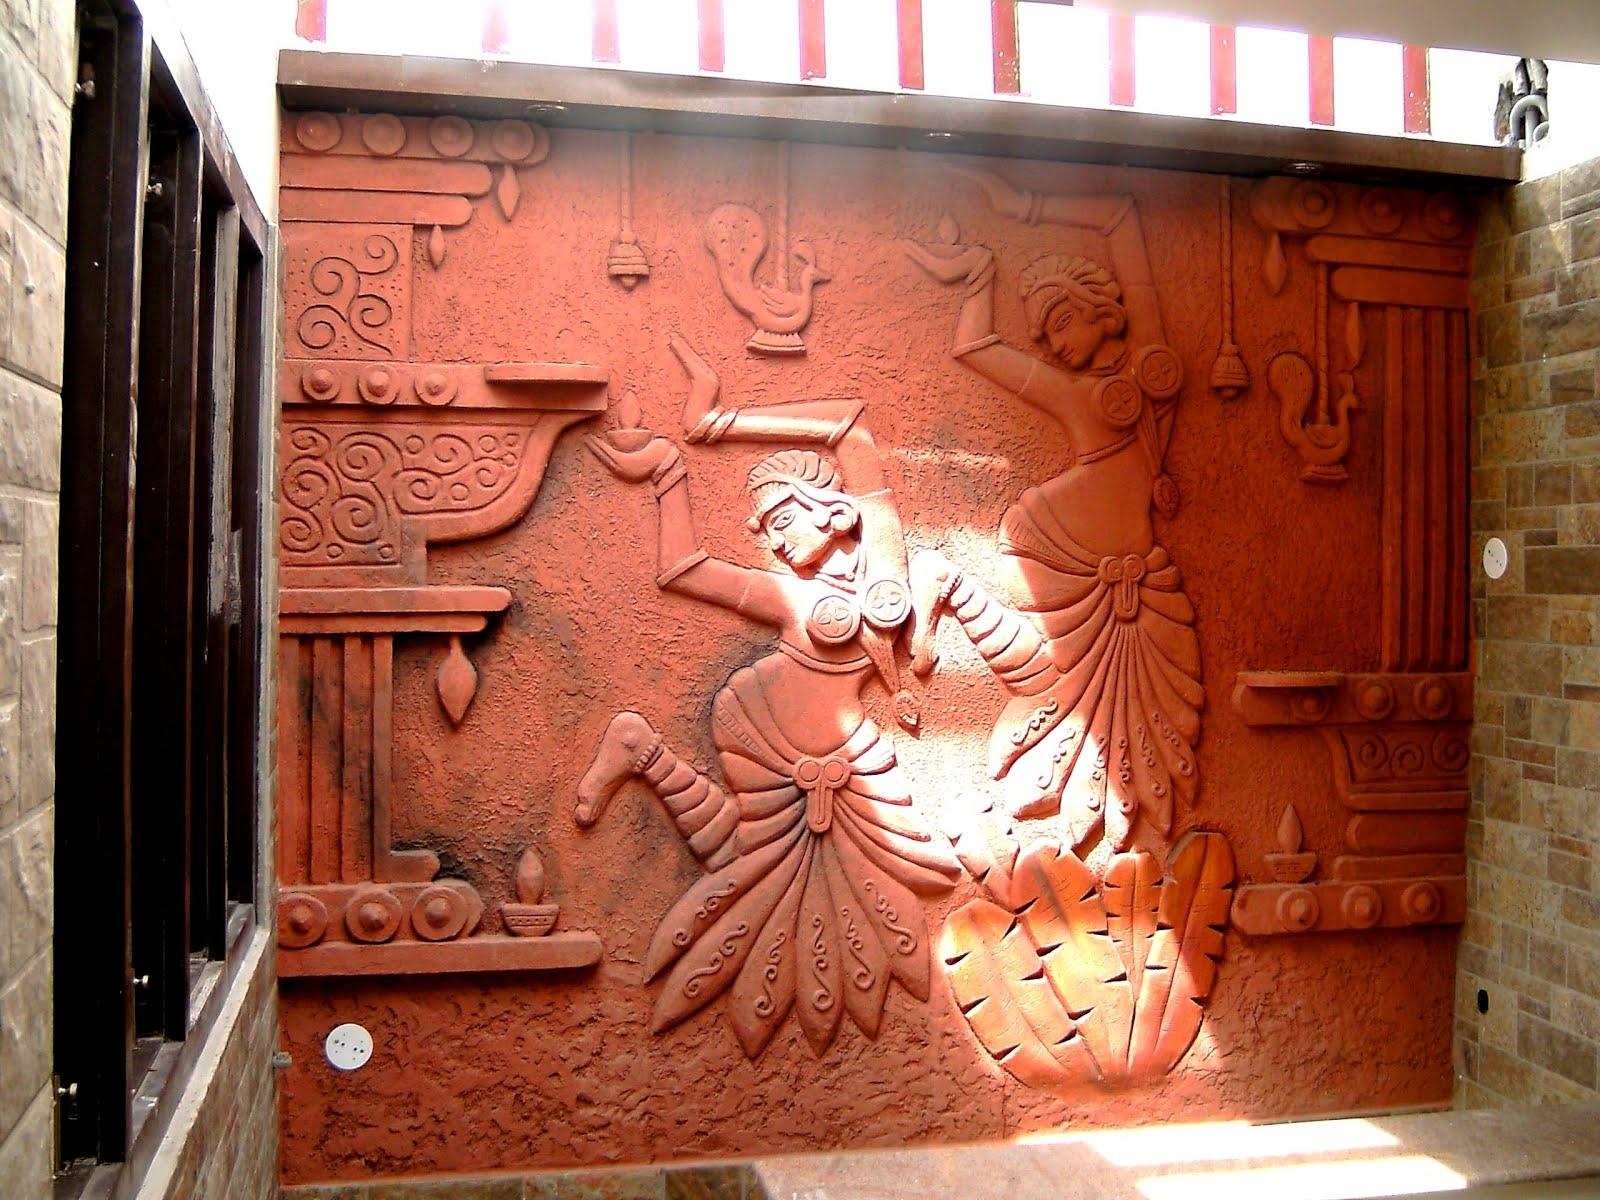 Pinvidya On Murals (View 13 of 15)